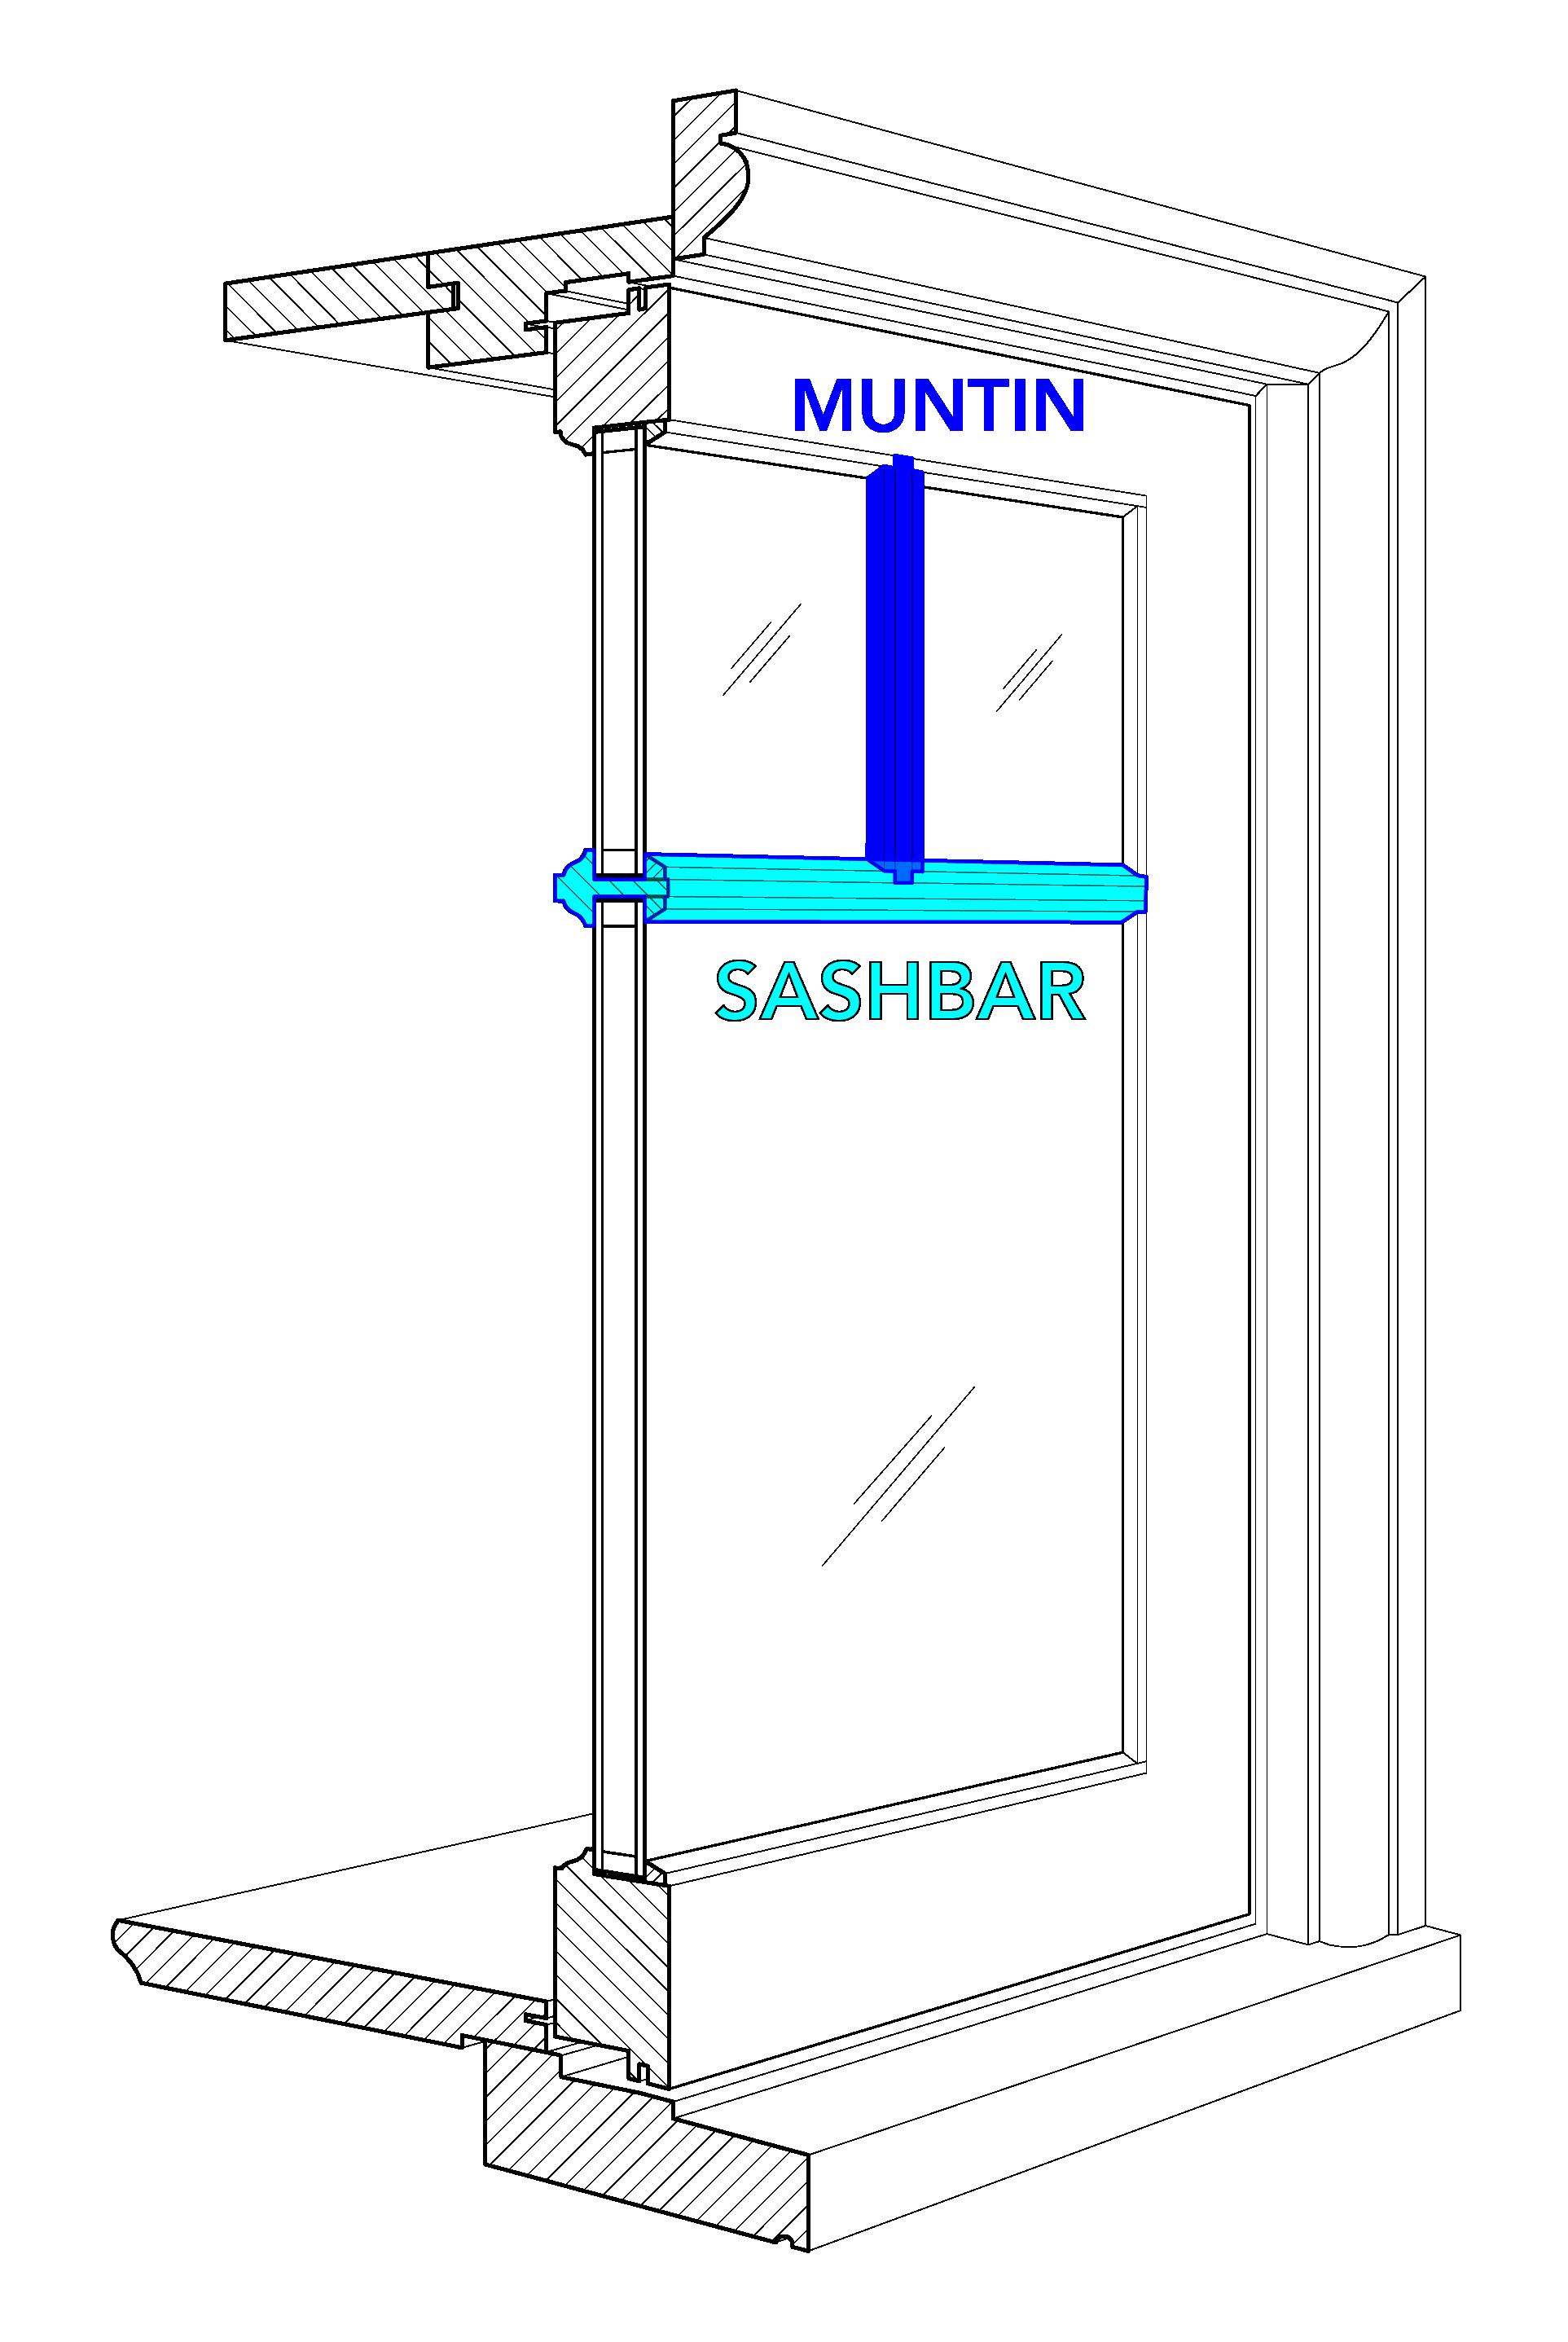 muntins & sashbars